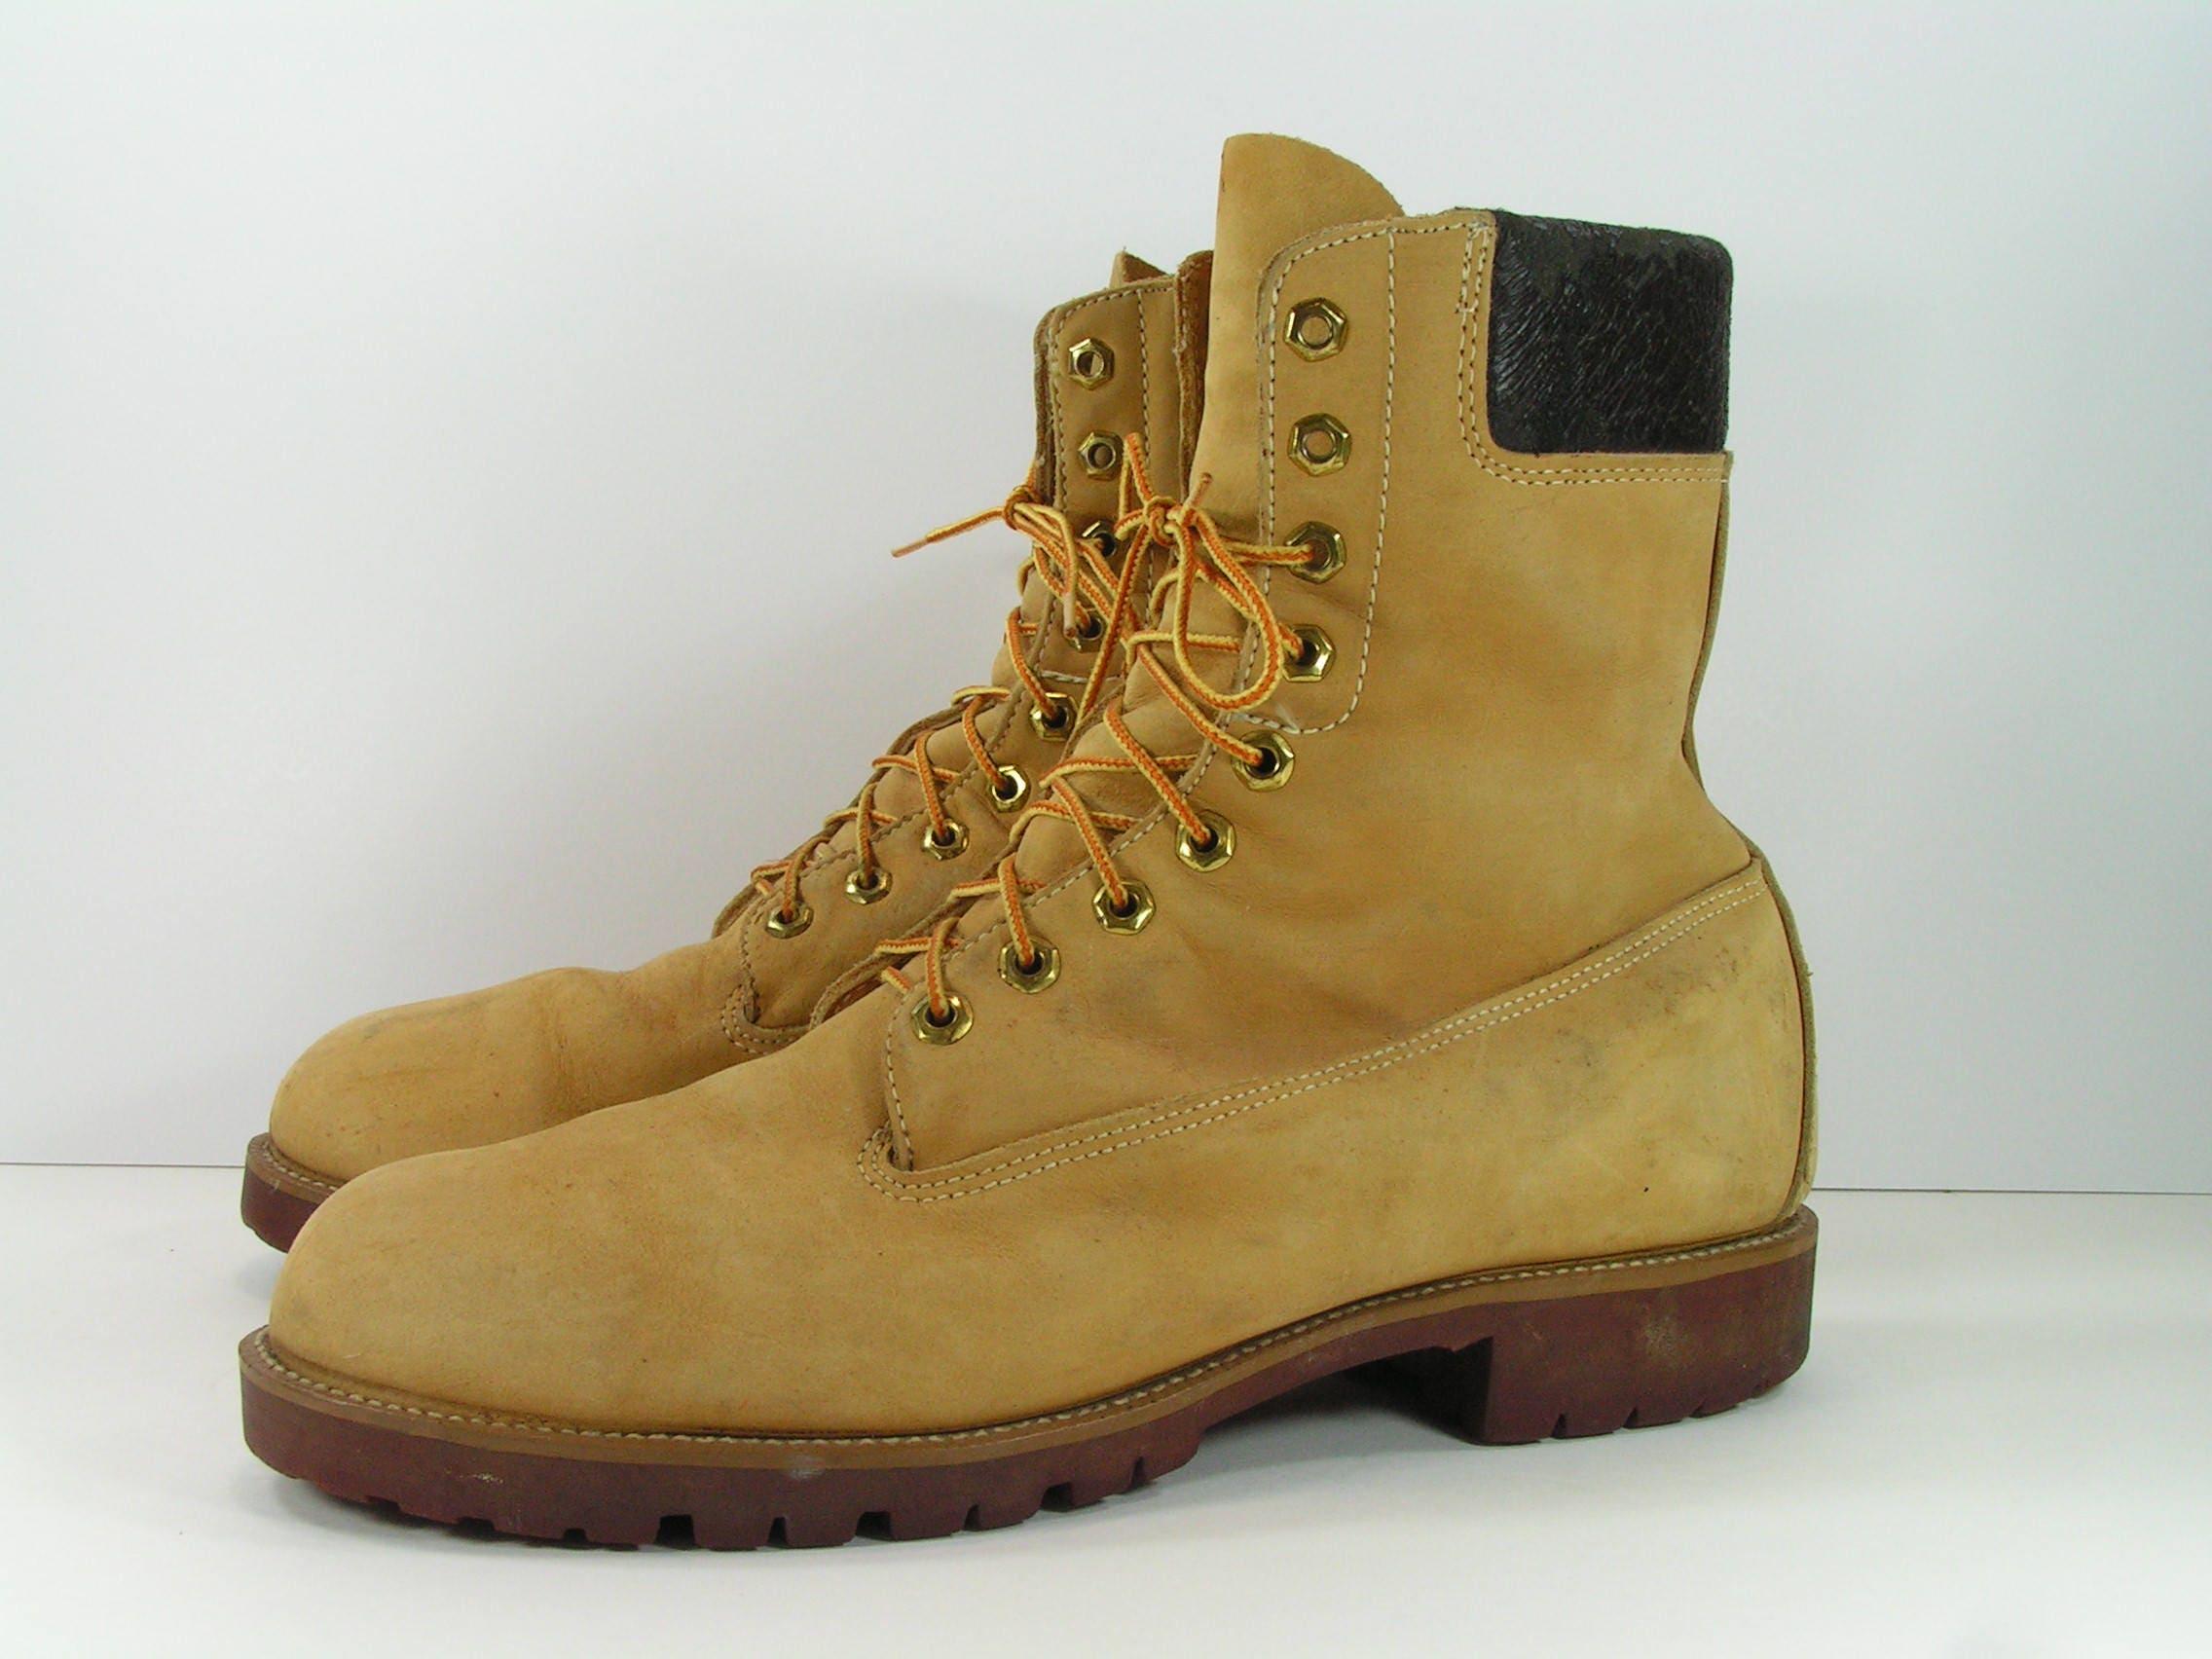 c47d781ccfc vintage sears work boots mens 13 D tan leather lace up biker